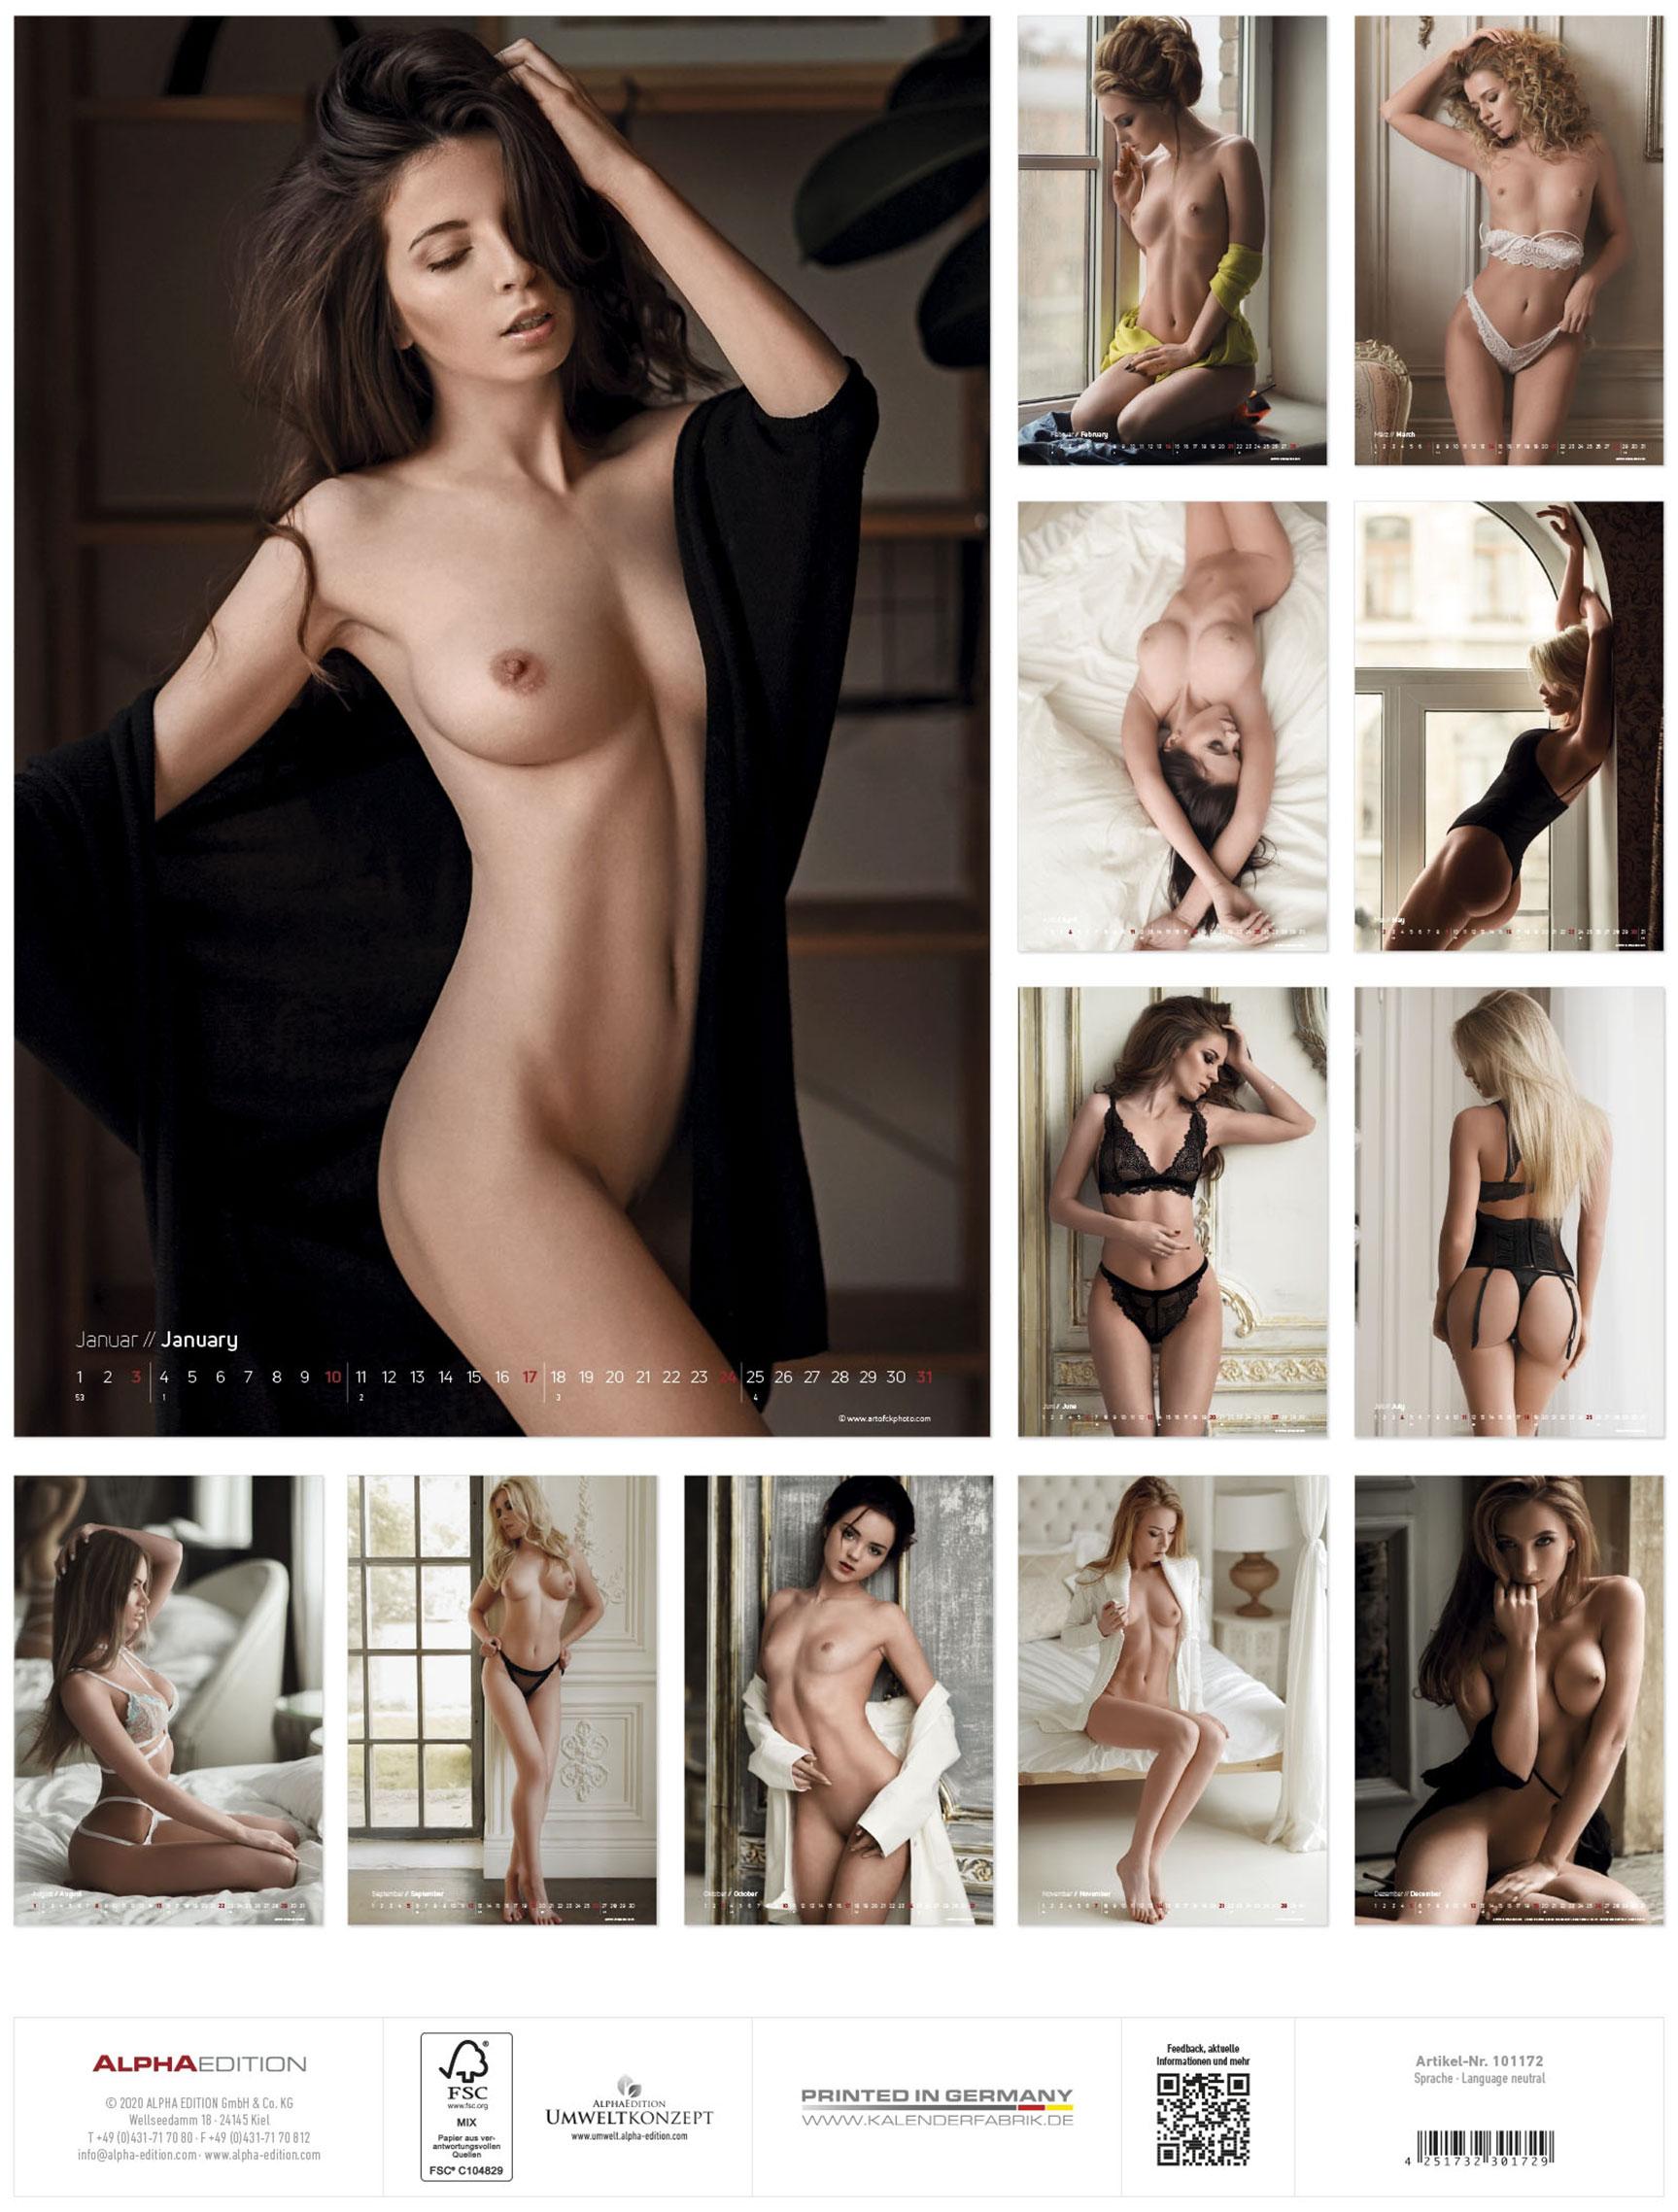 Сексуальные девушки в эротическом календаре на 2021 год / задняя обложка